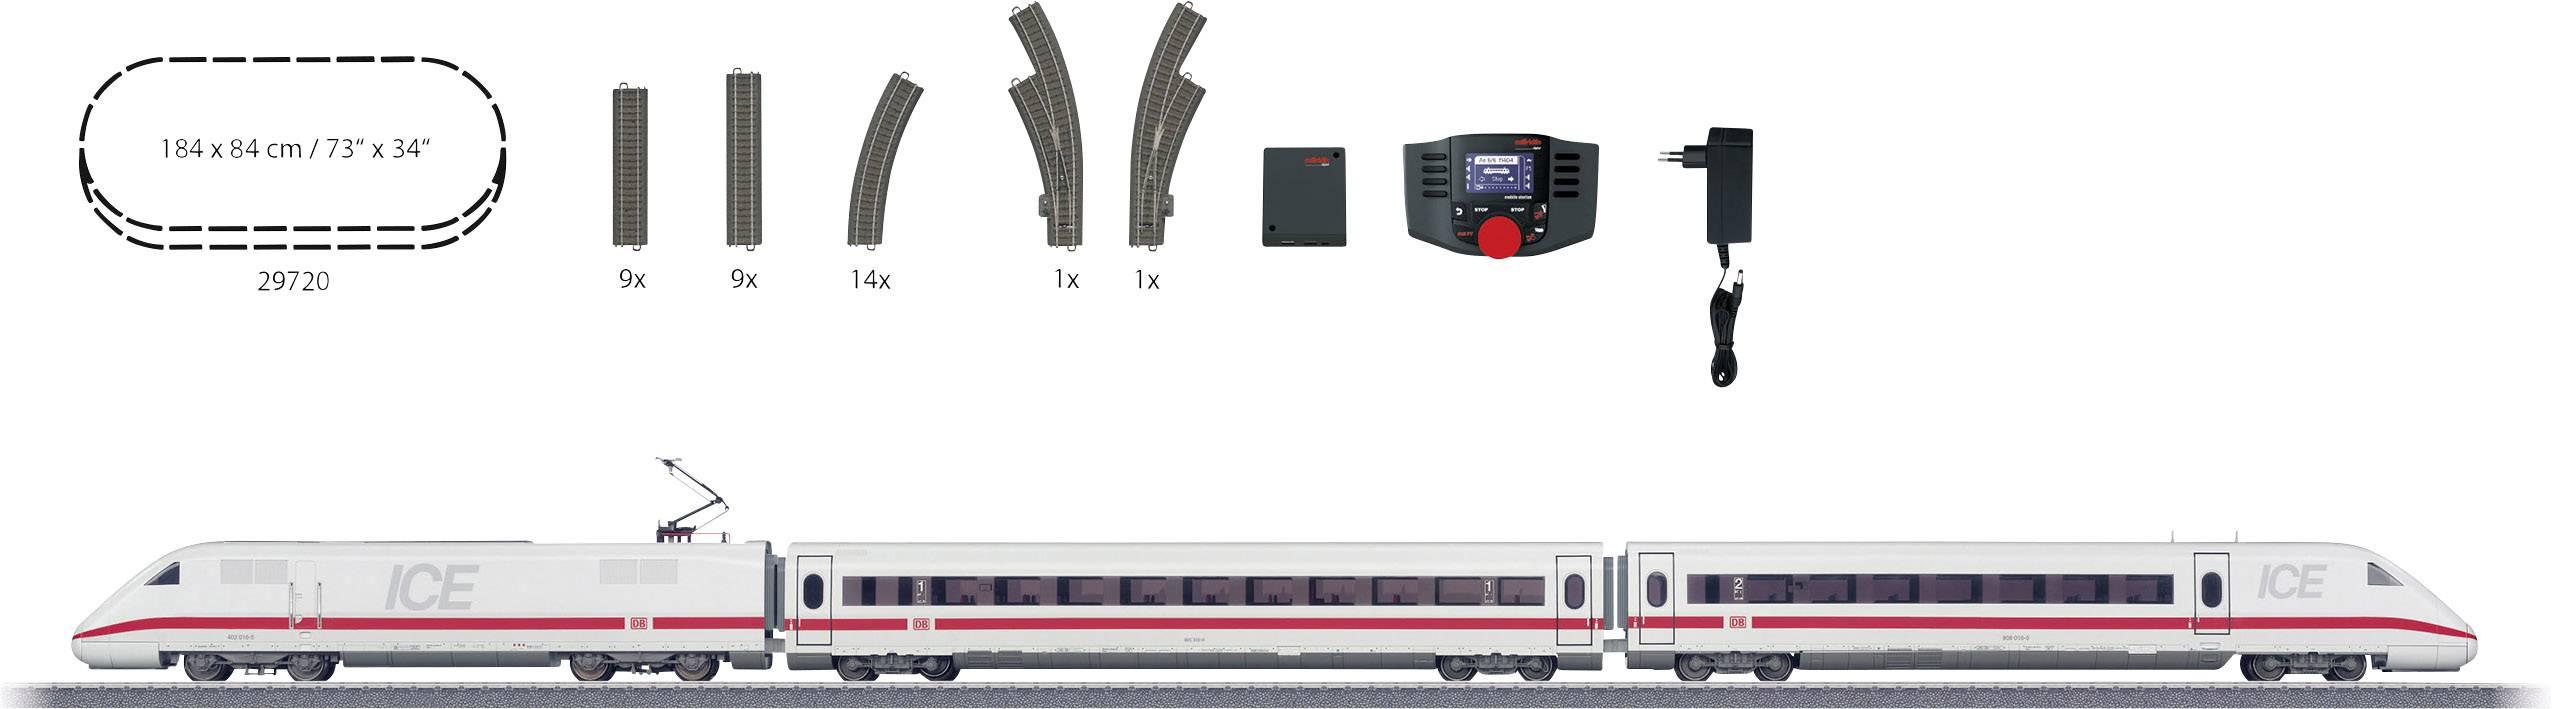 H0 úvodná sada s vlakouvou súpravou ICE 2 od DB AG Märklin 29792